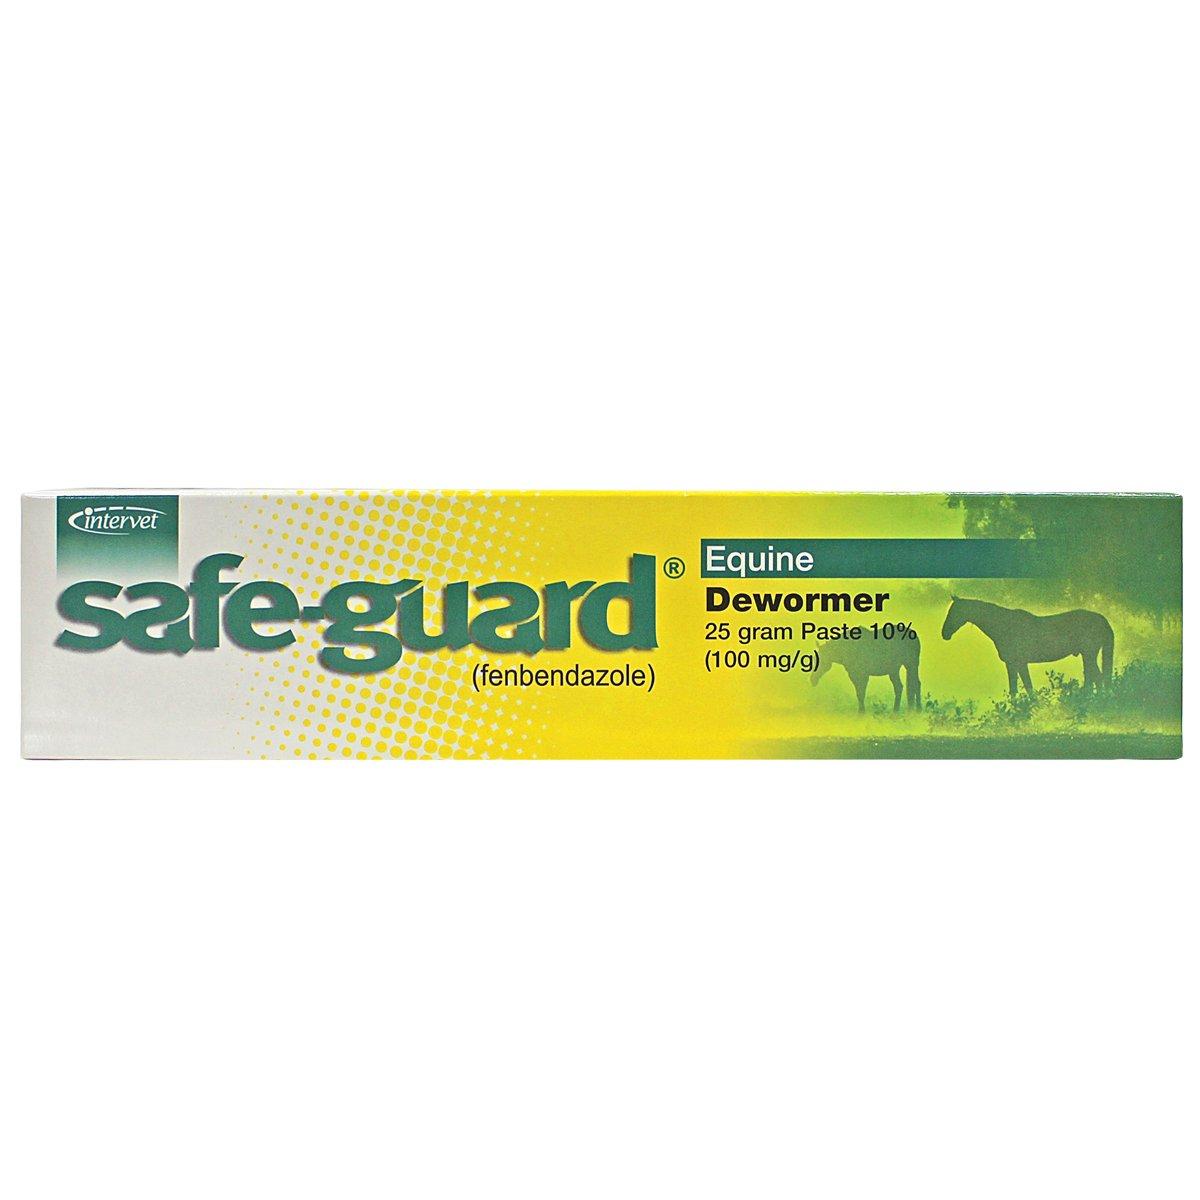 Merck Safe-guard Equine Dewormer